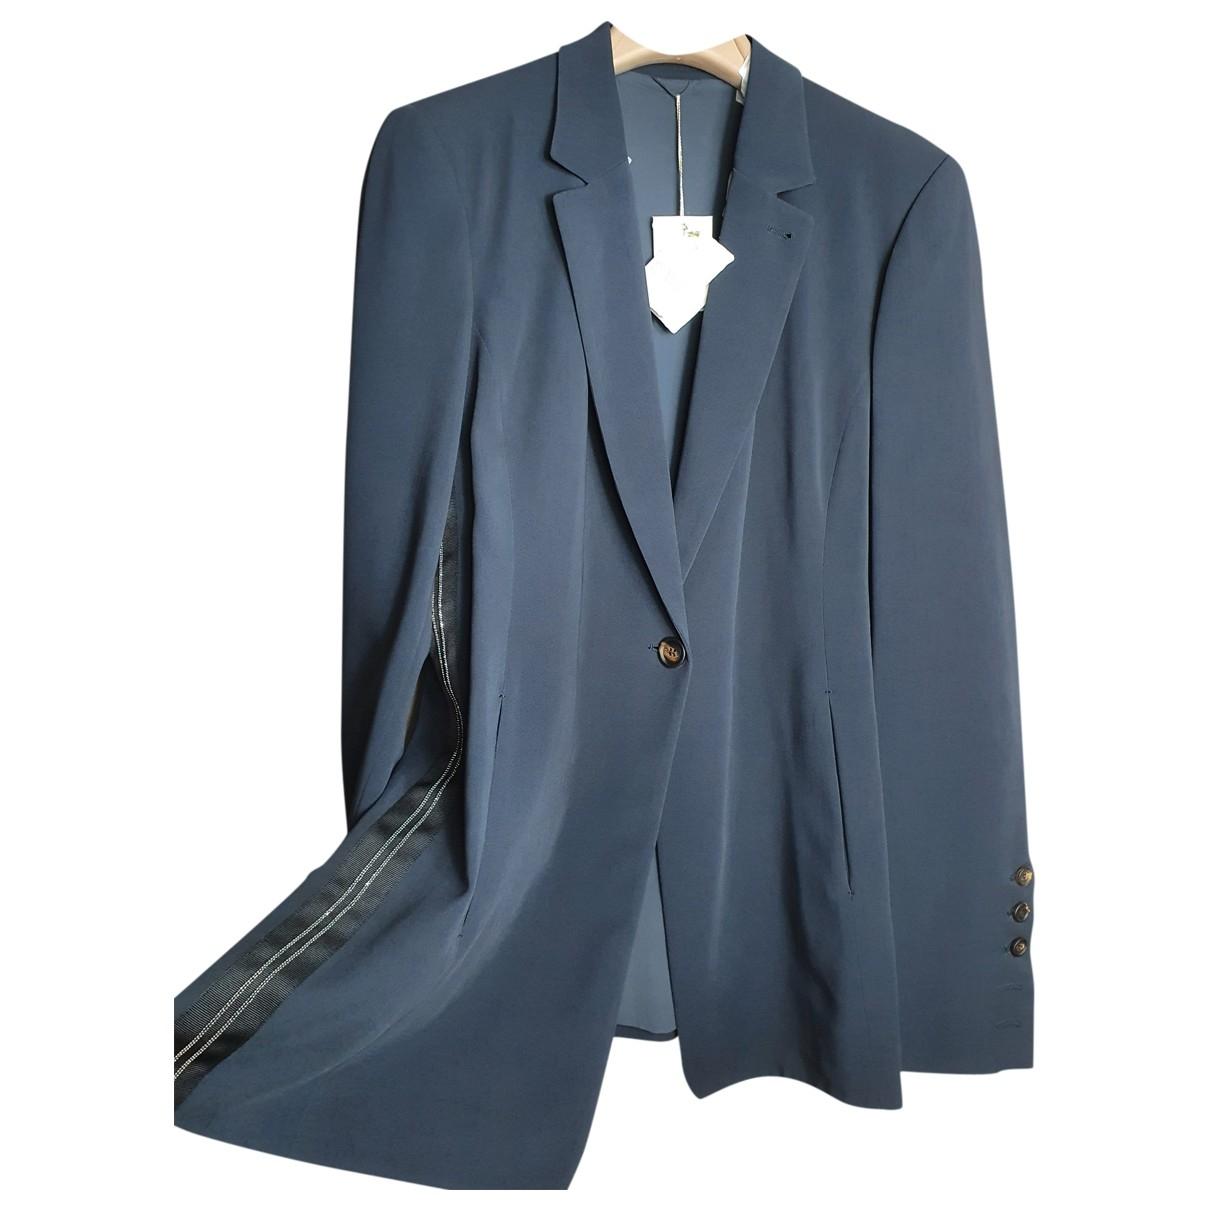 Brunello Cucinelli \N Blue jacket for Women 48 IT